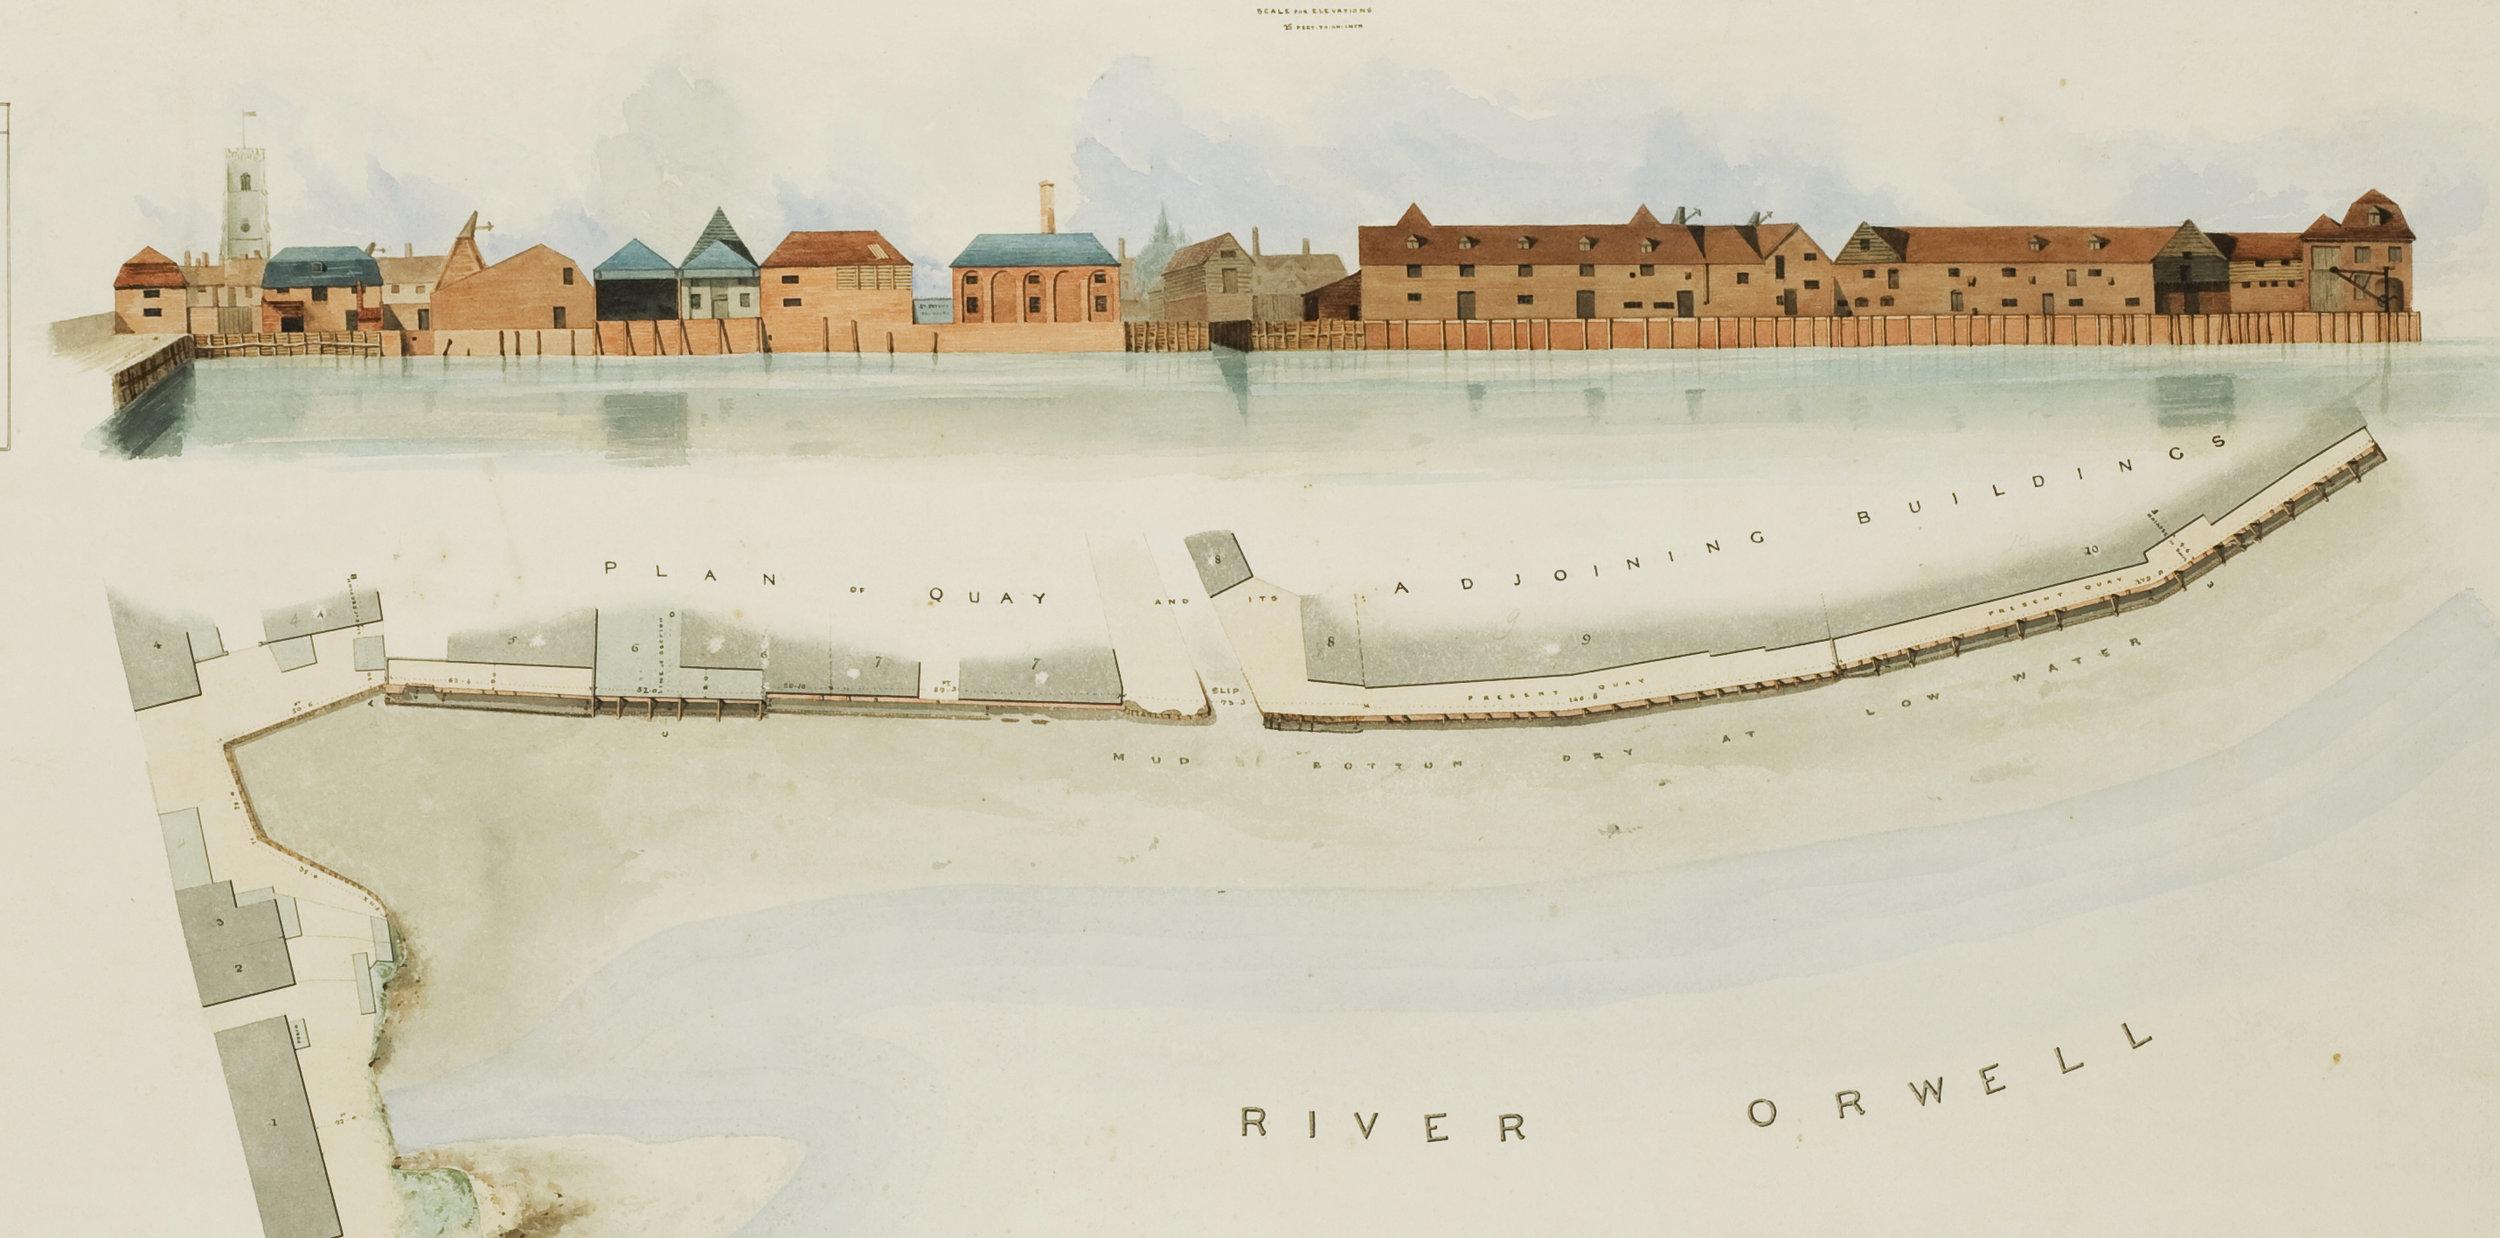 Stoke Bridge Section of Edward Caley's 1837. Courtesy of IMT Image Archive